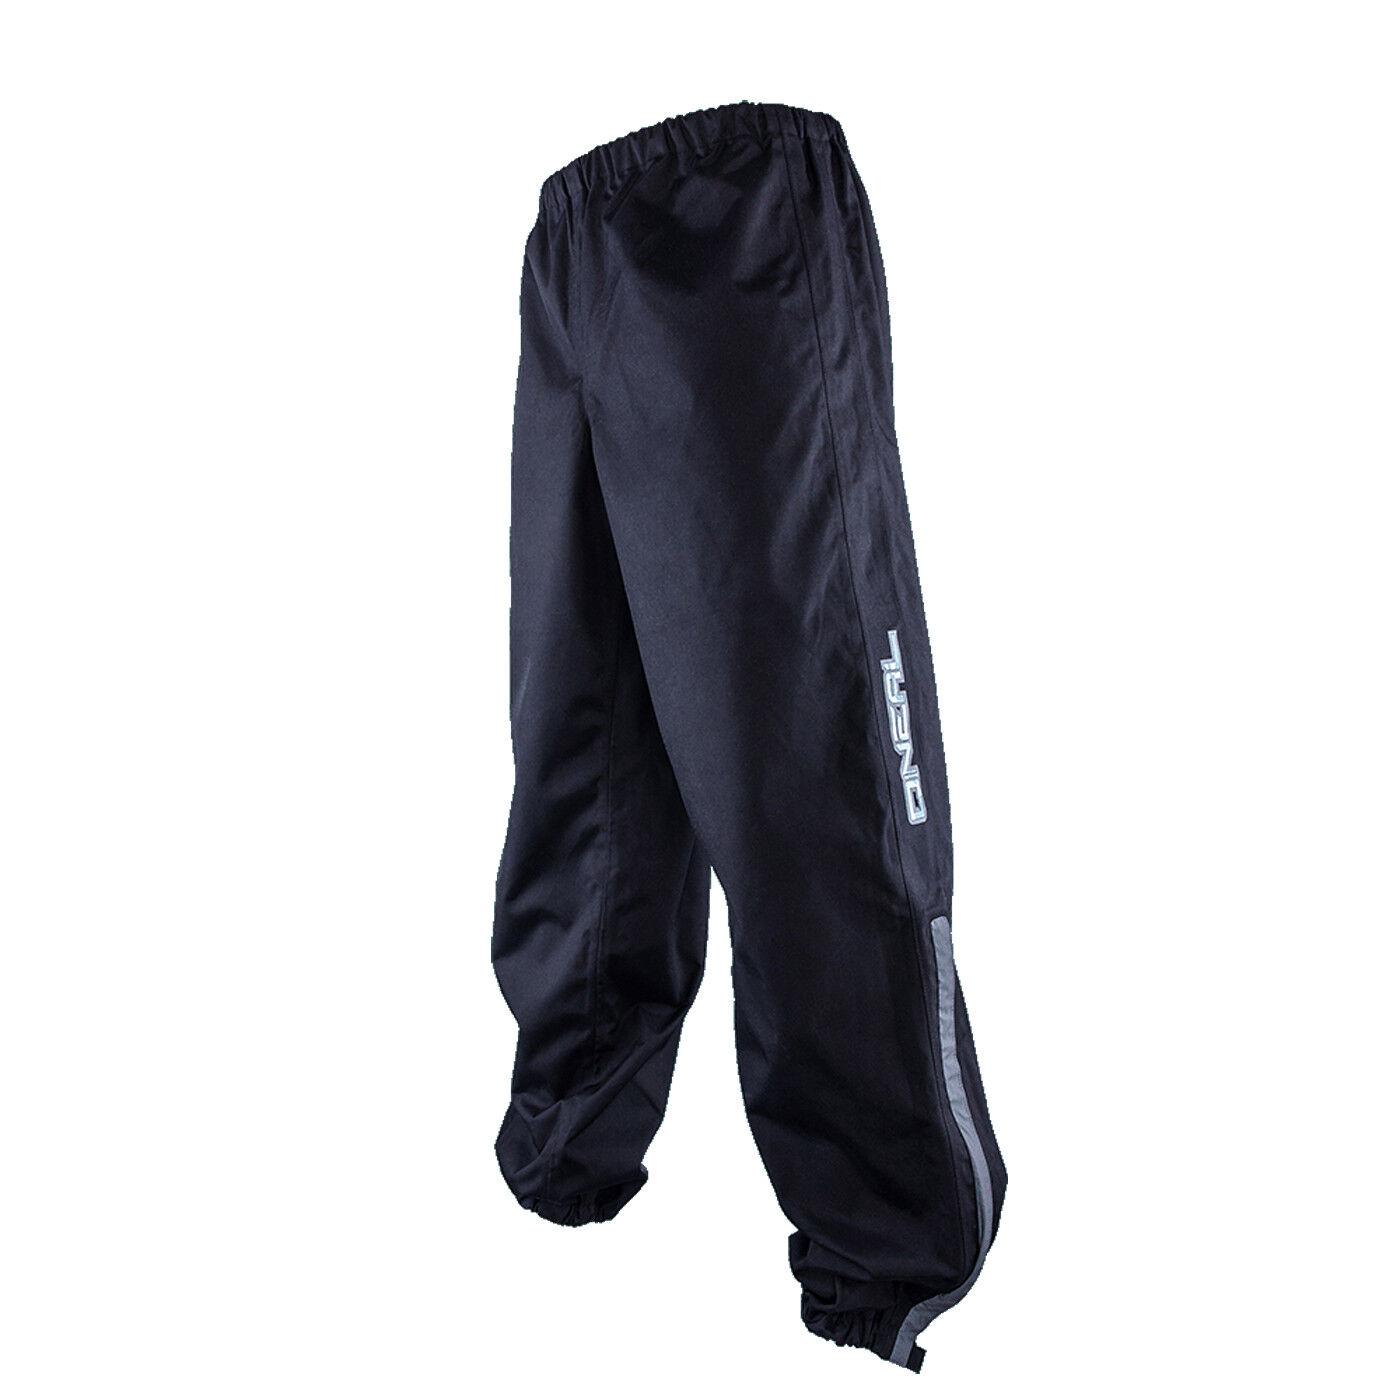 O'neal Shore II Rain Fahrrad Regenhose Short kurz schwarz 2019 Oneal